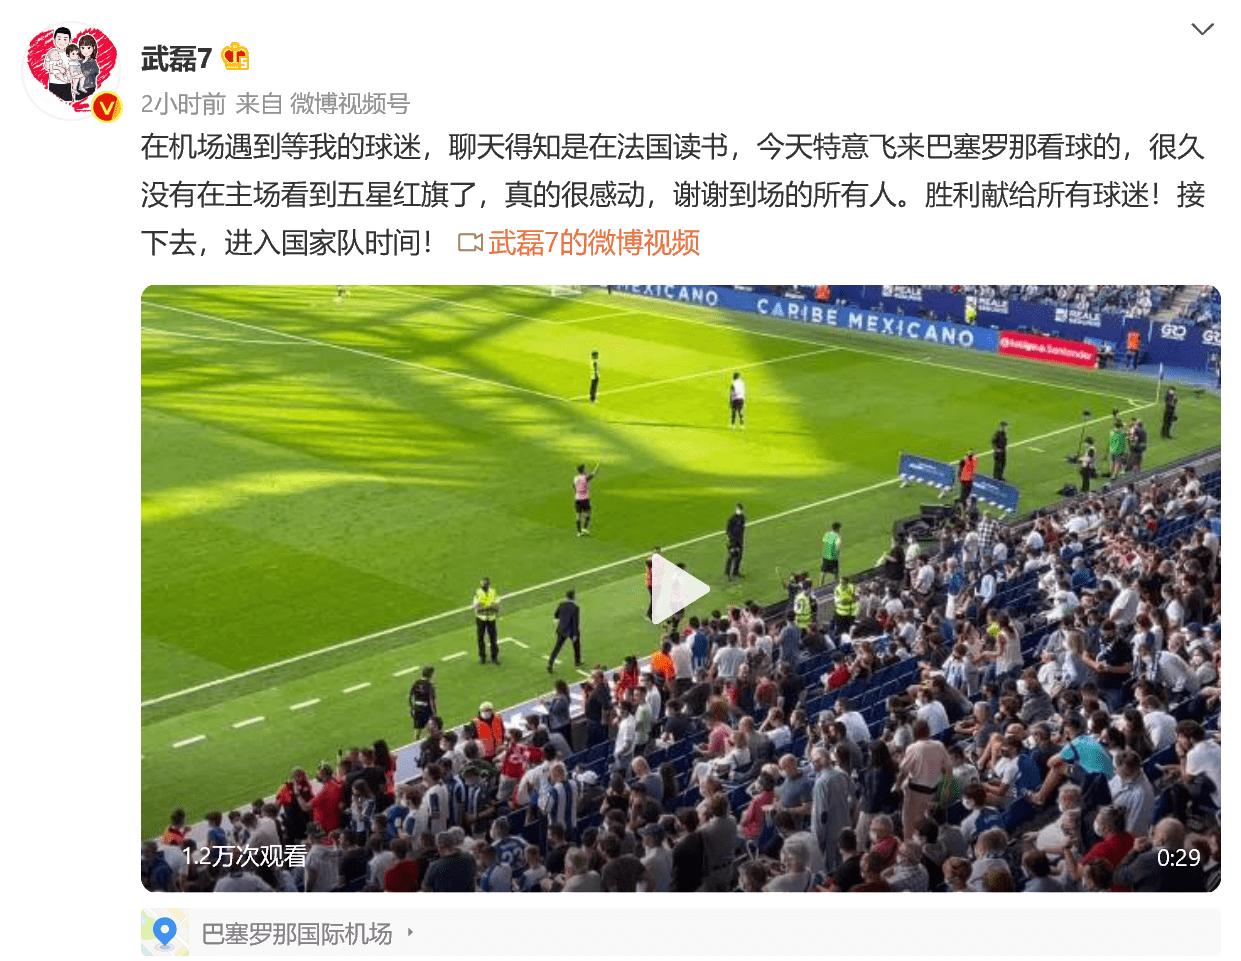 武磊感谢球迷:很久没在主场看到五星红旗了 很感动